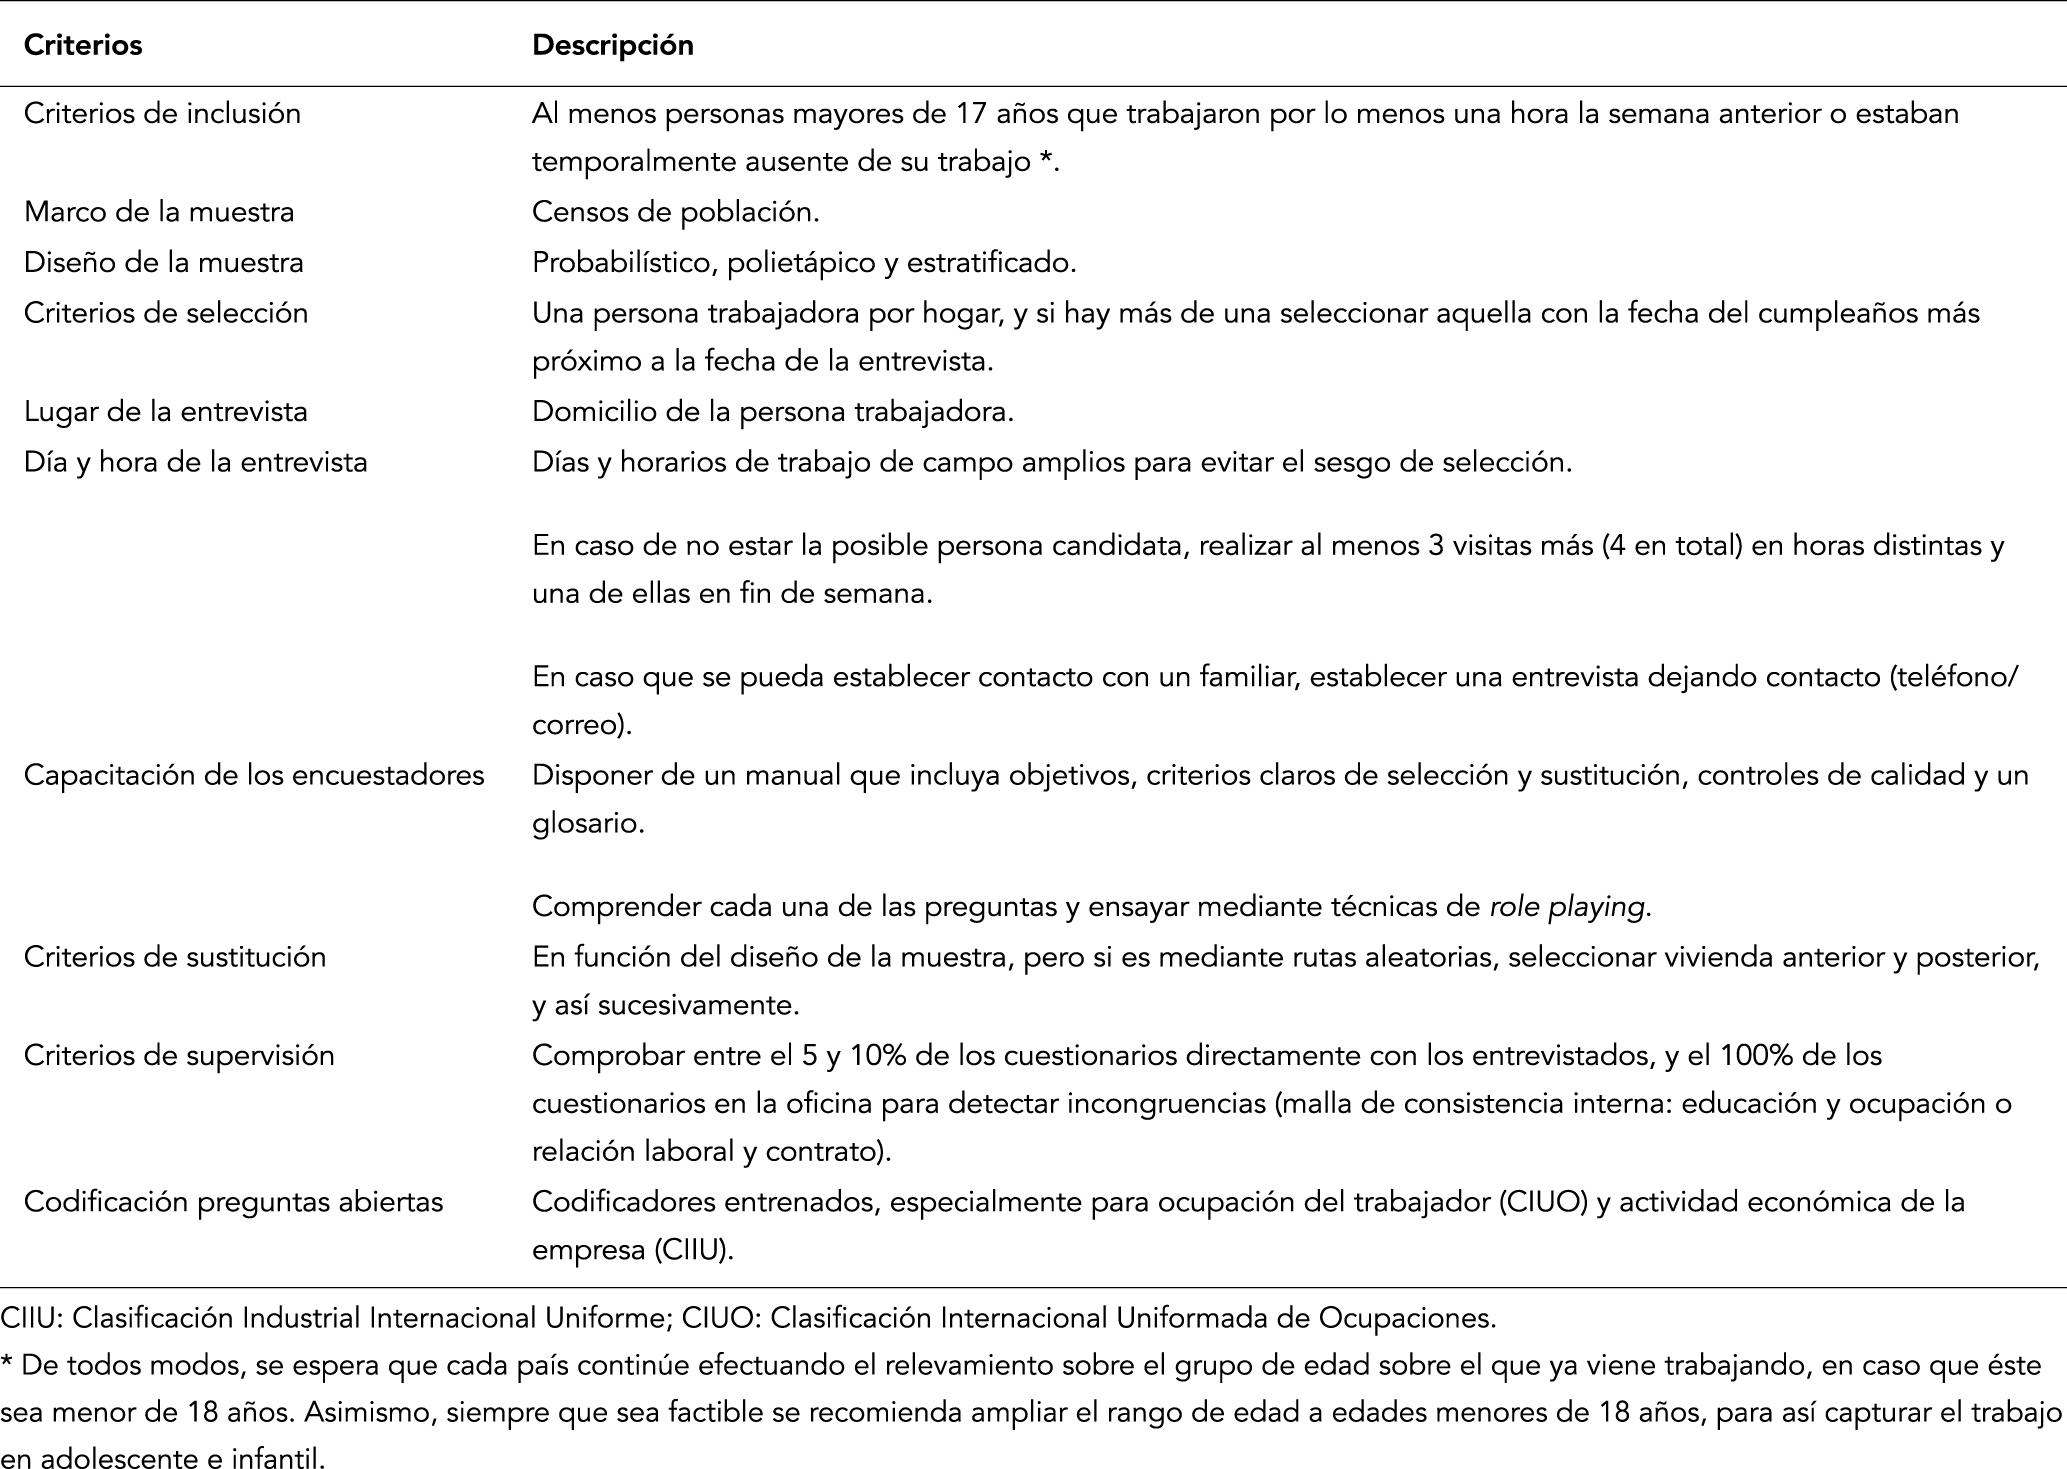 Saúde Pública - Cuestionario básico y criterios metodológicos para ...